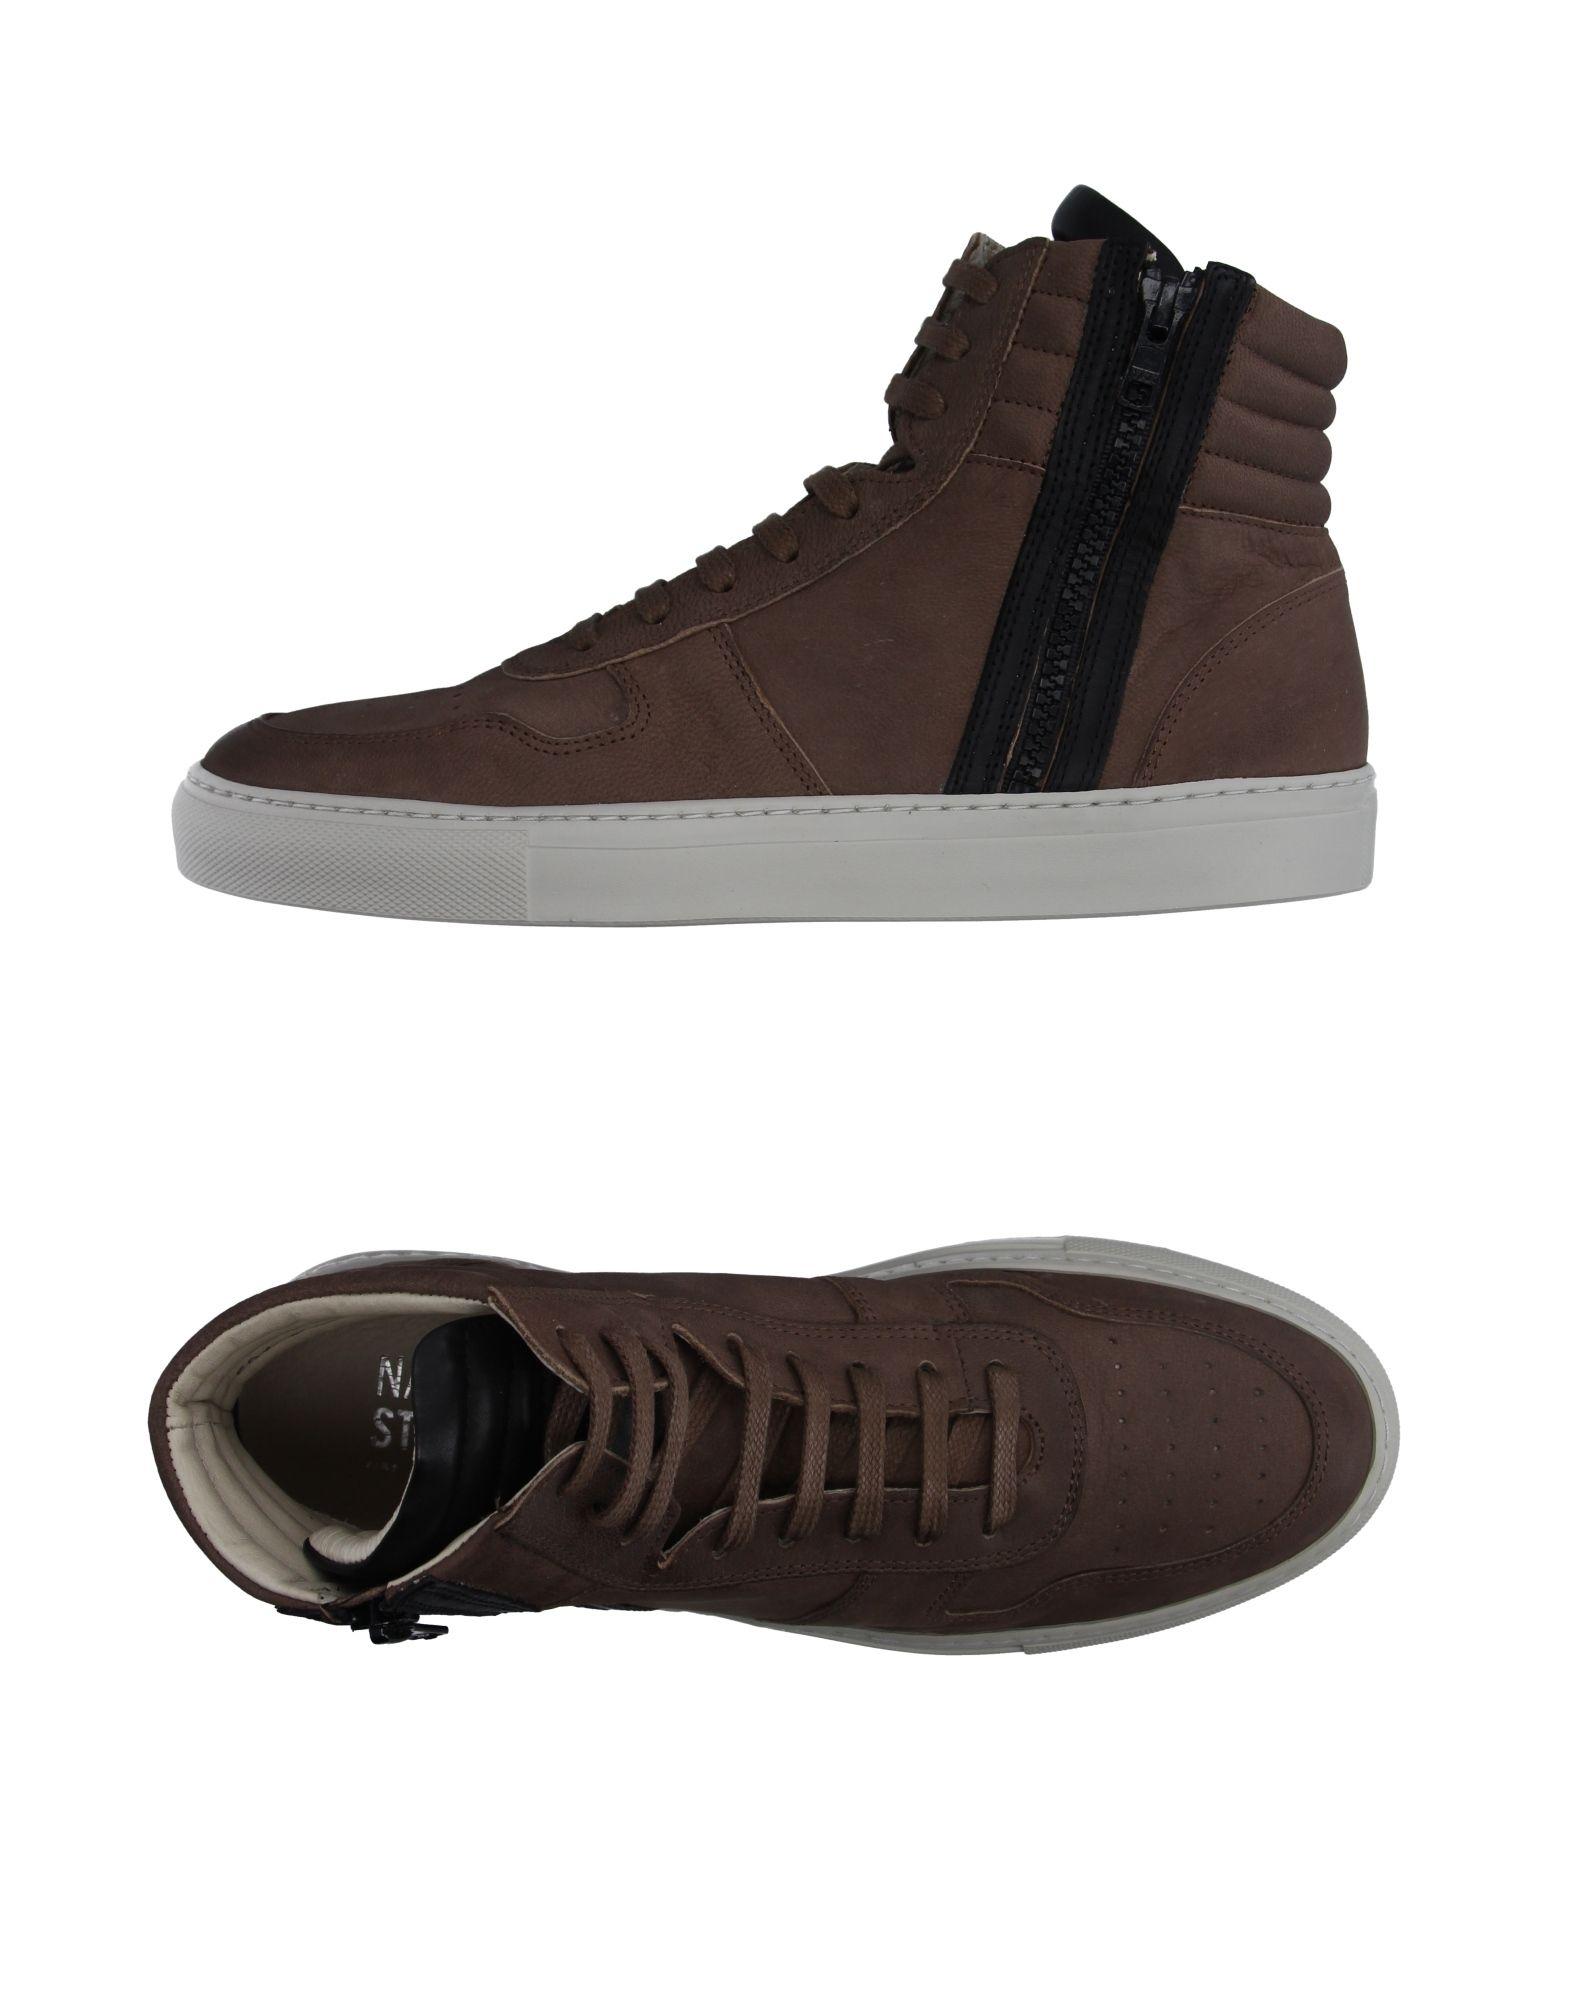 NATIONAL STANDARD Herren High Sneakers & Tennisschuhe Farbe Khaki Größe 5 jetztbilligerkaufen